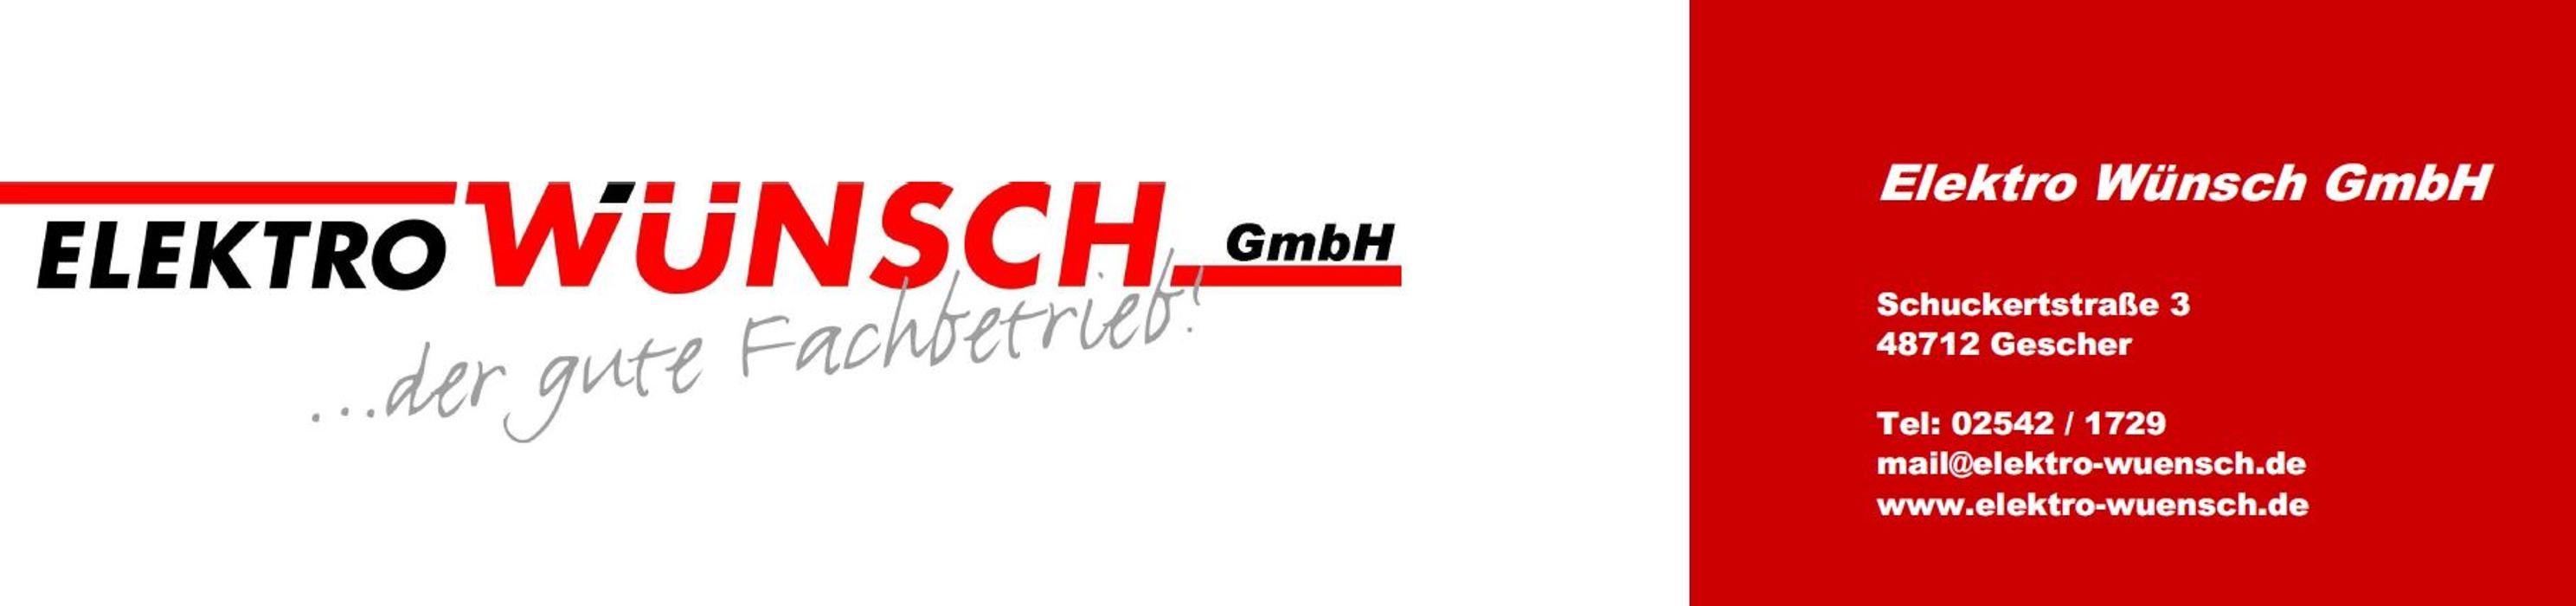 Bild zu Elektro Wünsch GmbH in Gescher